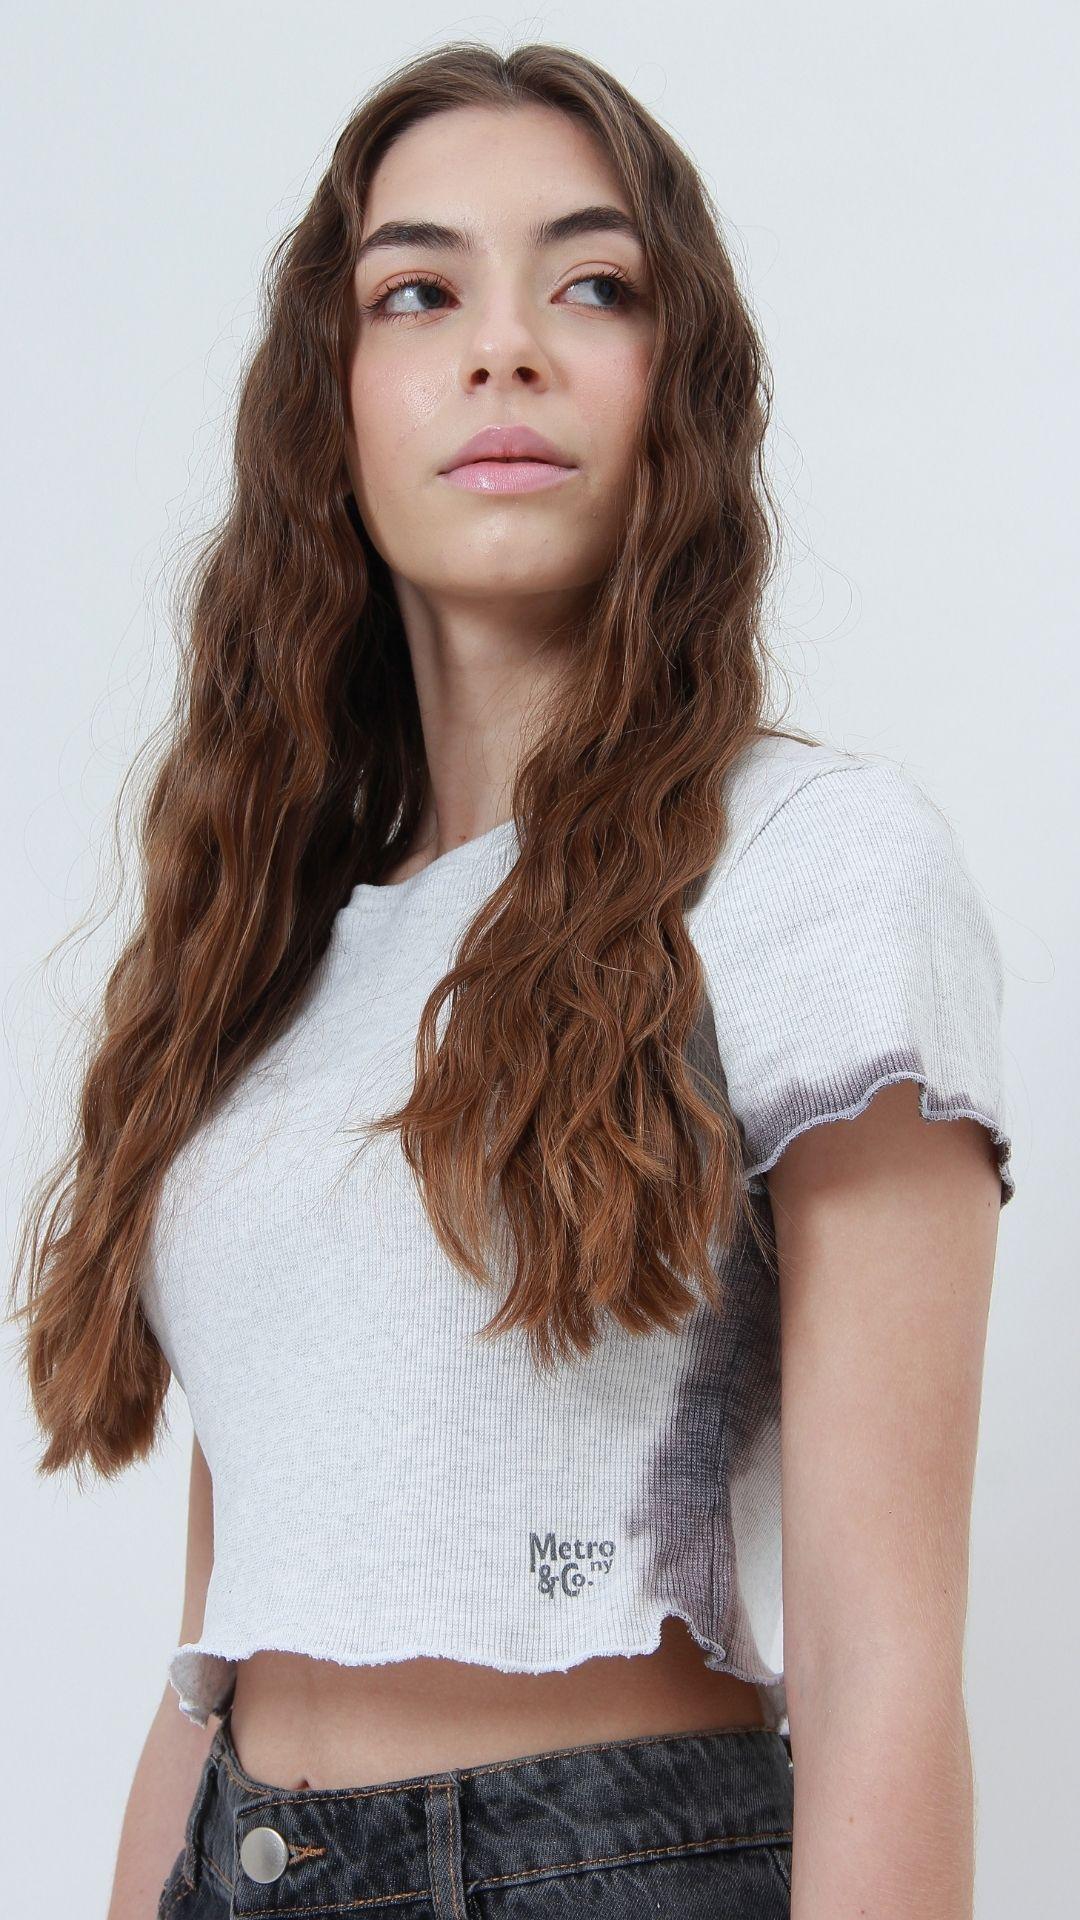 T-shirt Ribbed Dip Dye  - Metro & Co.